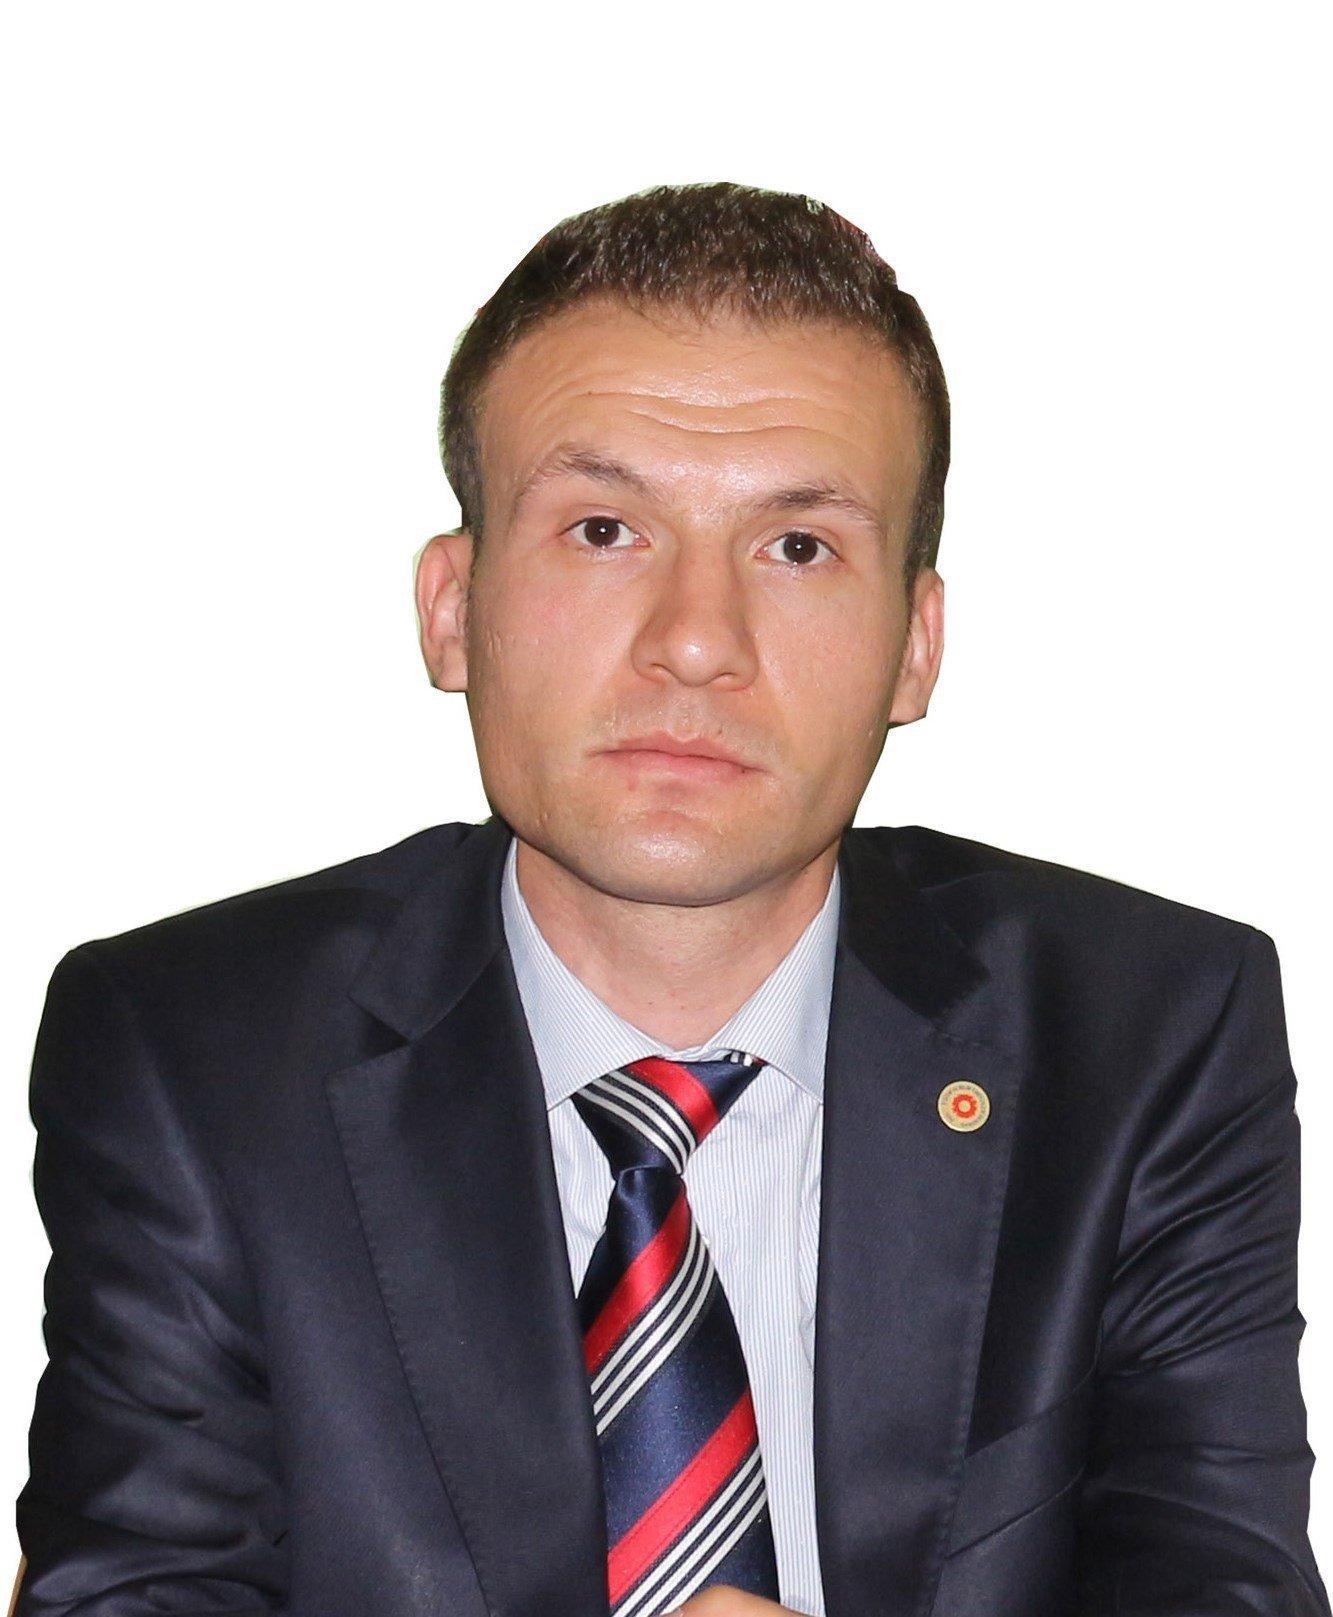 Eğitim-Sen Konya Şube Yöneticisi Ali Çay'ı Kaybettik